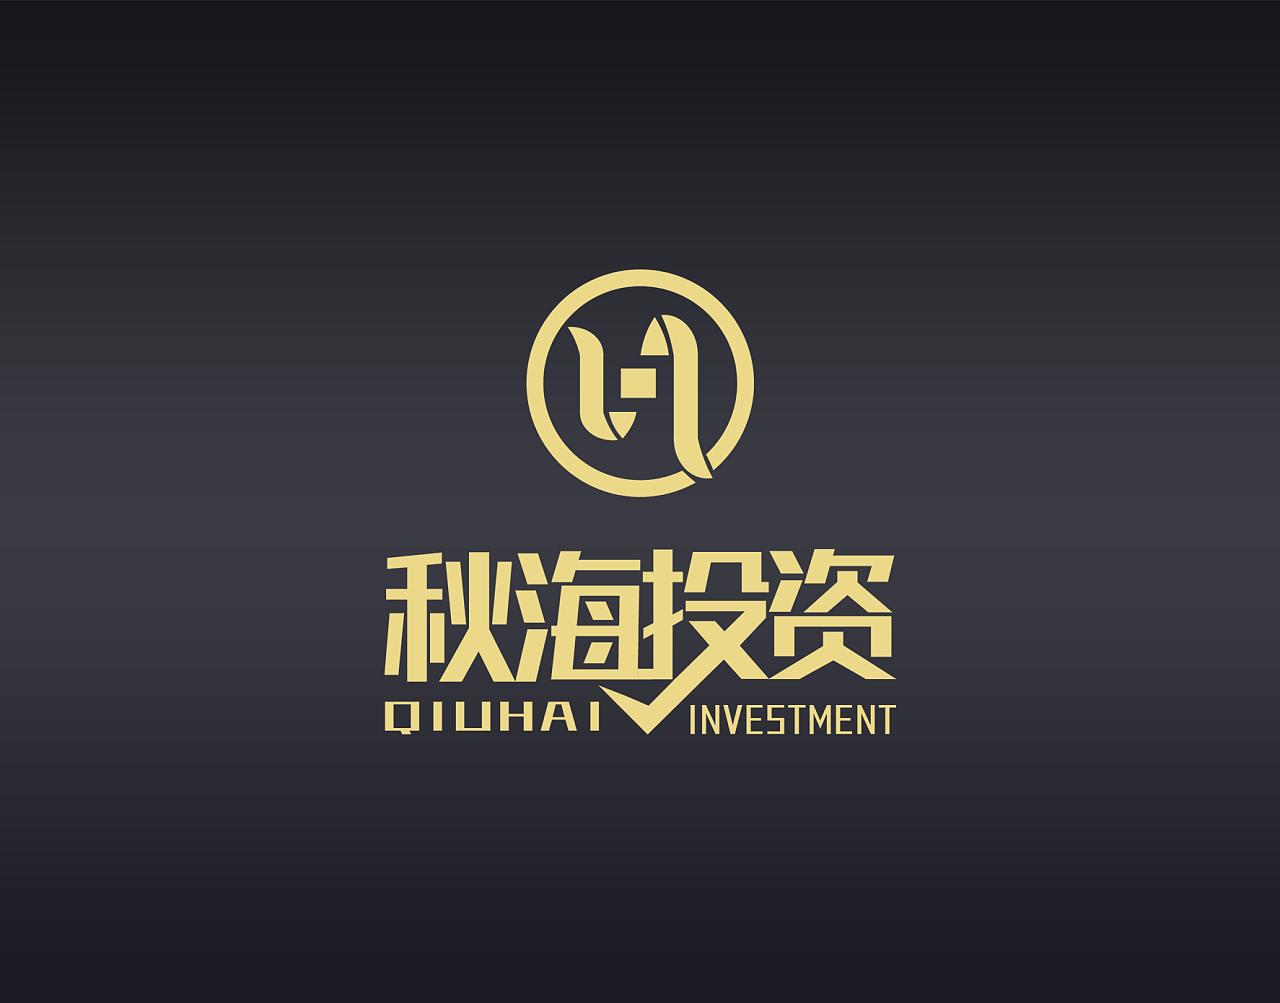 投资 logo